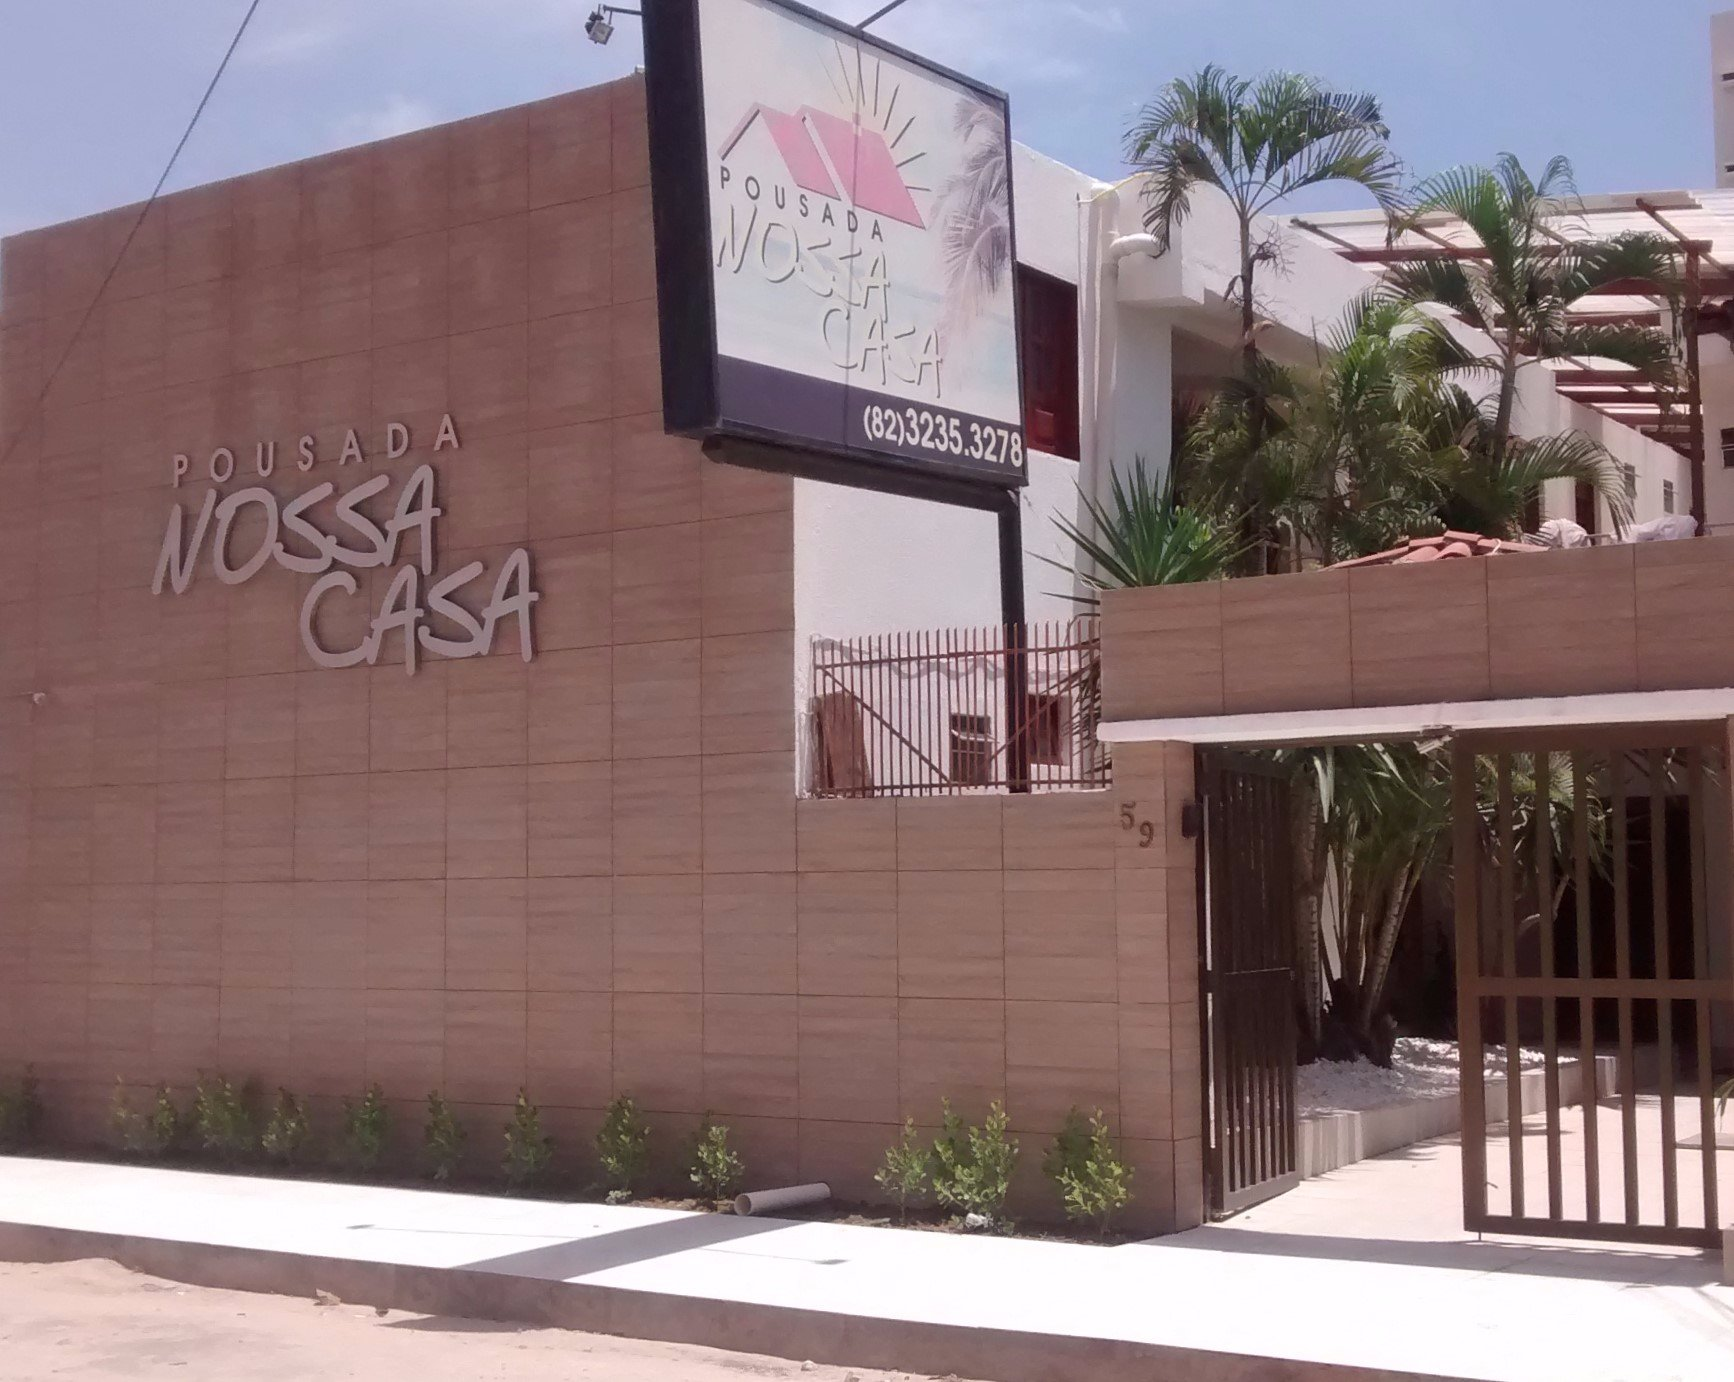 波薩達諾薩卡薩旅館